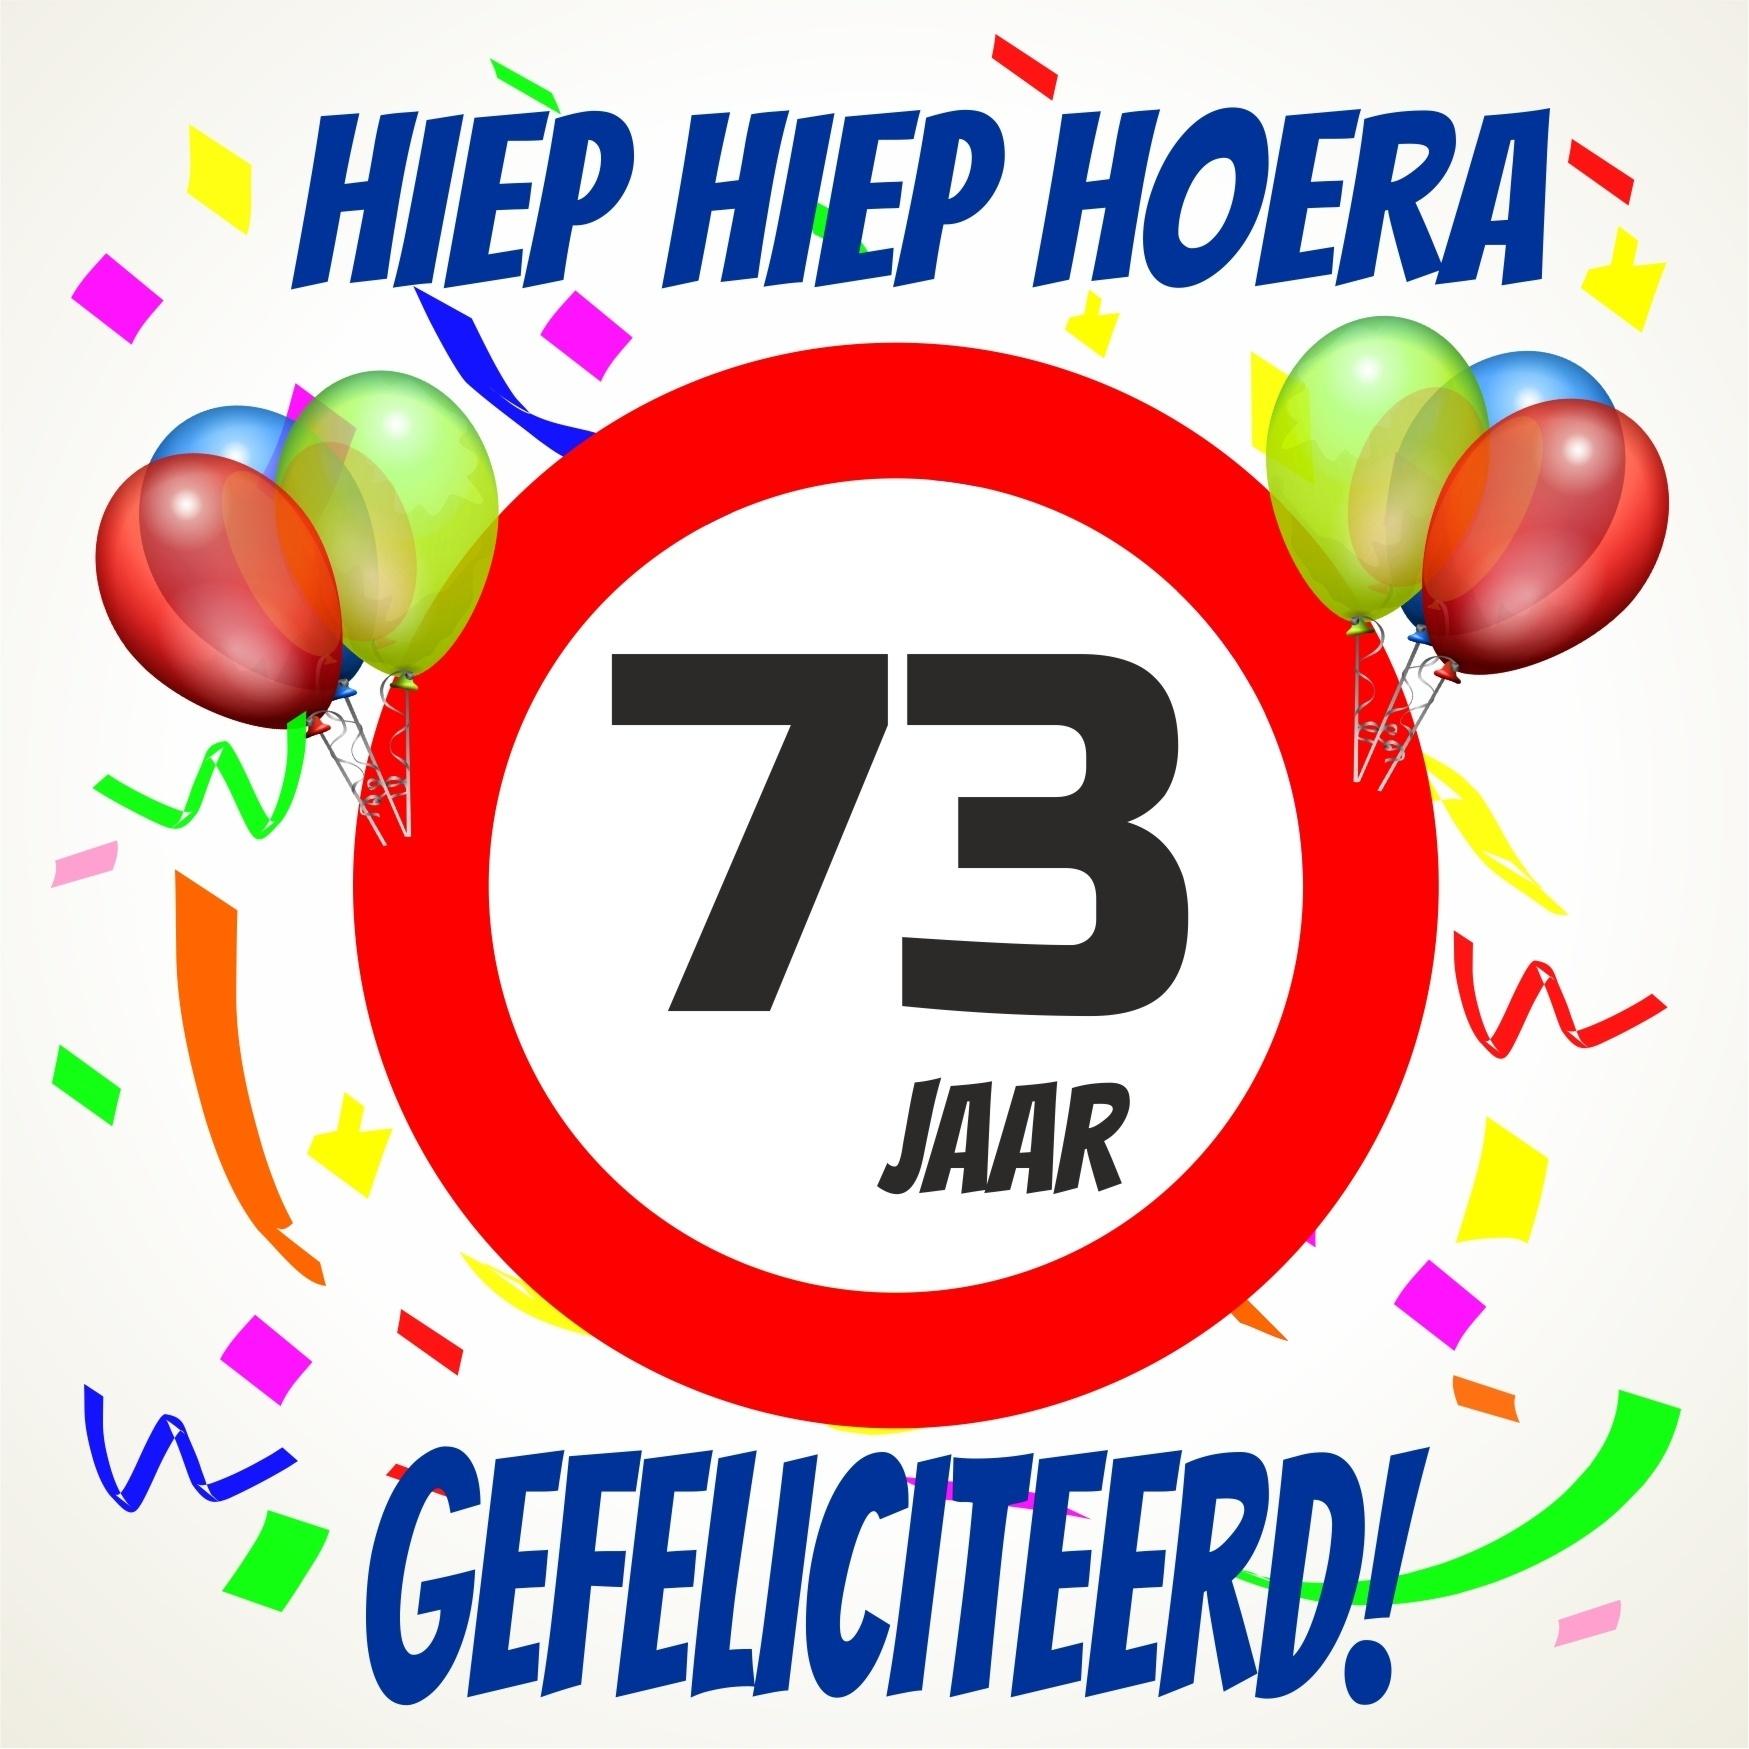 73 jaar Verjaardags tegeltje 73 jaar voordelig bij  73 jaar